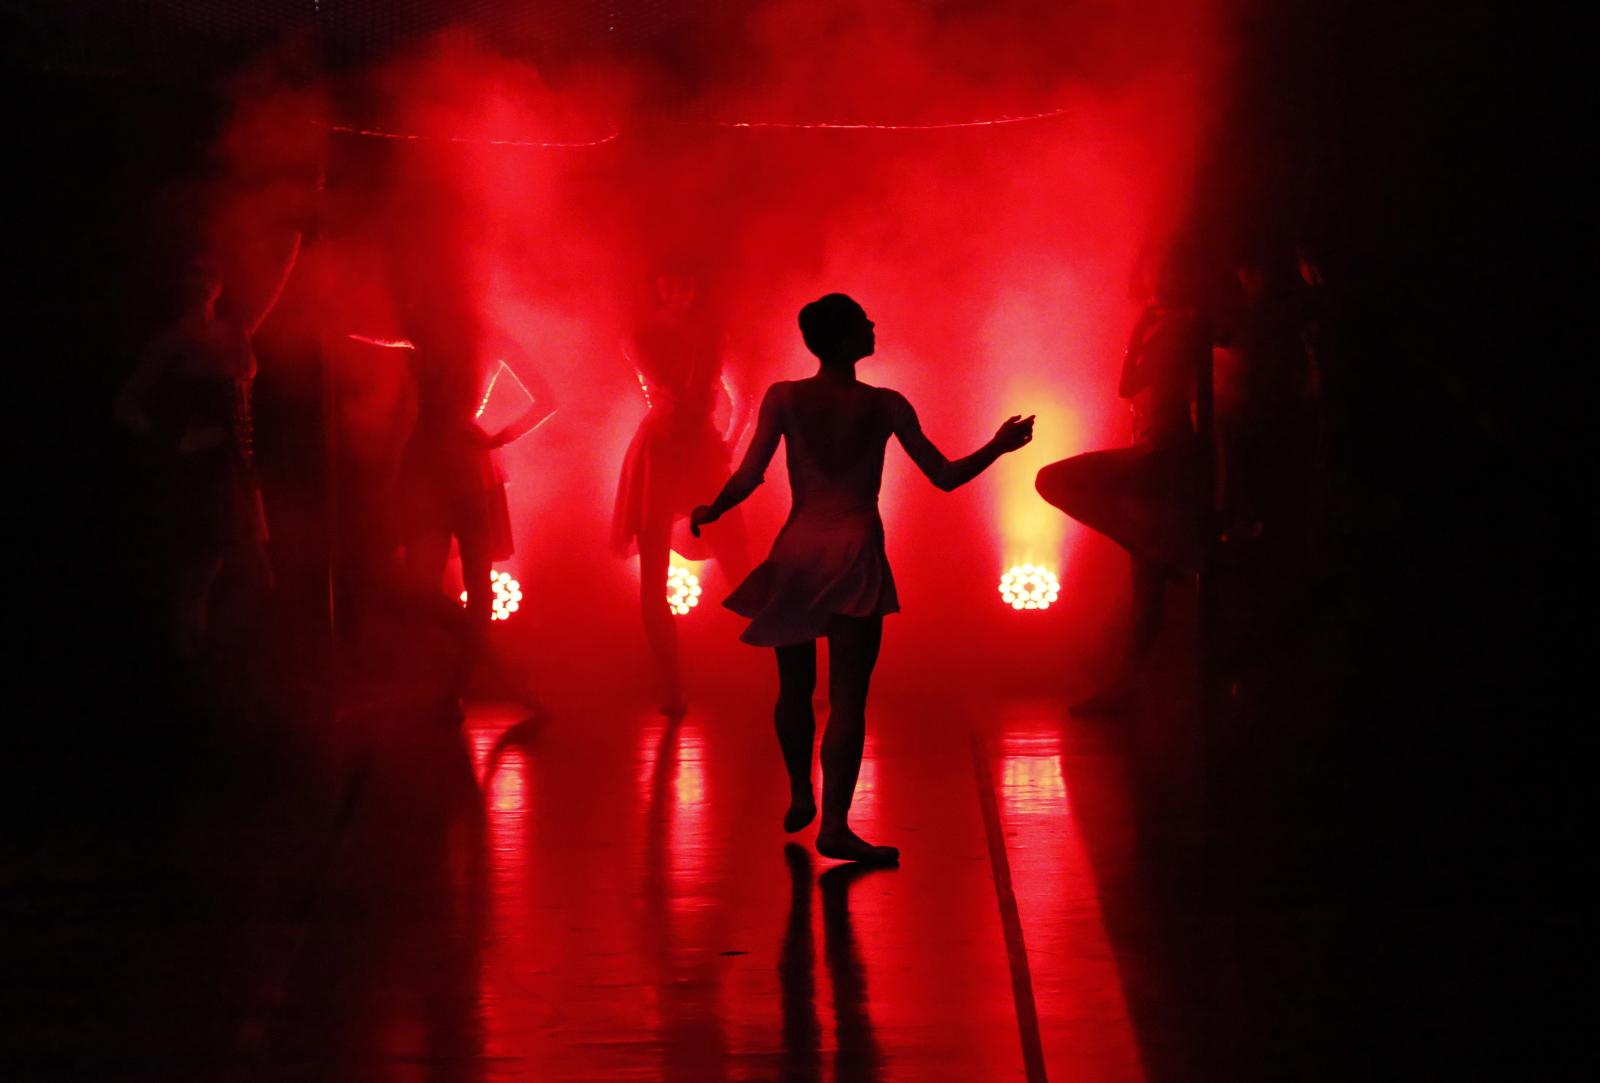 Balet fot. EPA/TATYANA ZENKOVICH